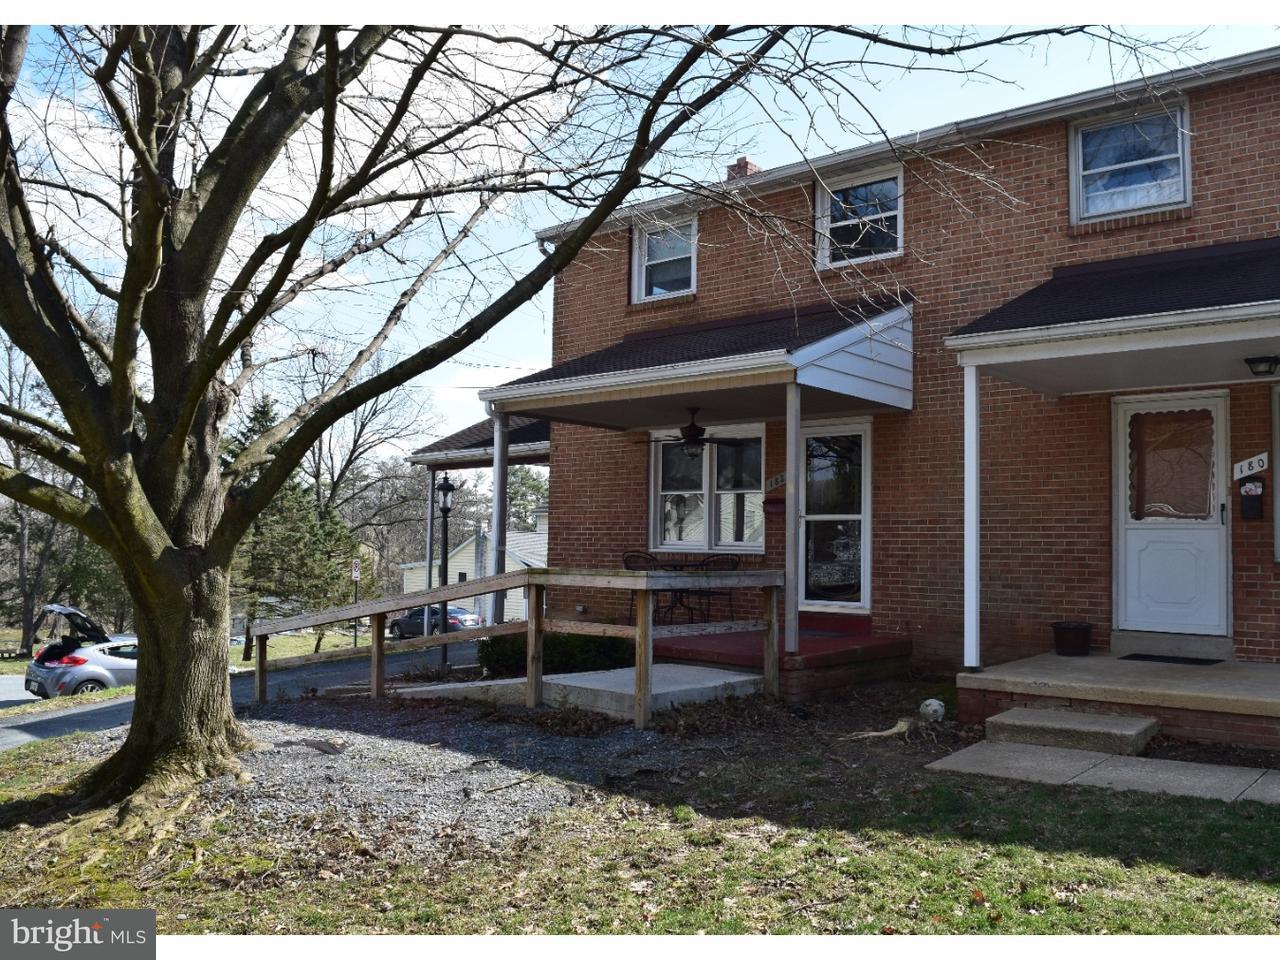 联栋屋 为 销售 在 182 NEW Street 米勒斯维尔, 宾夕法尼亚州 17551 美国